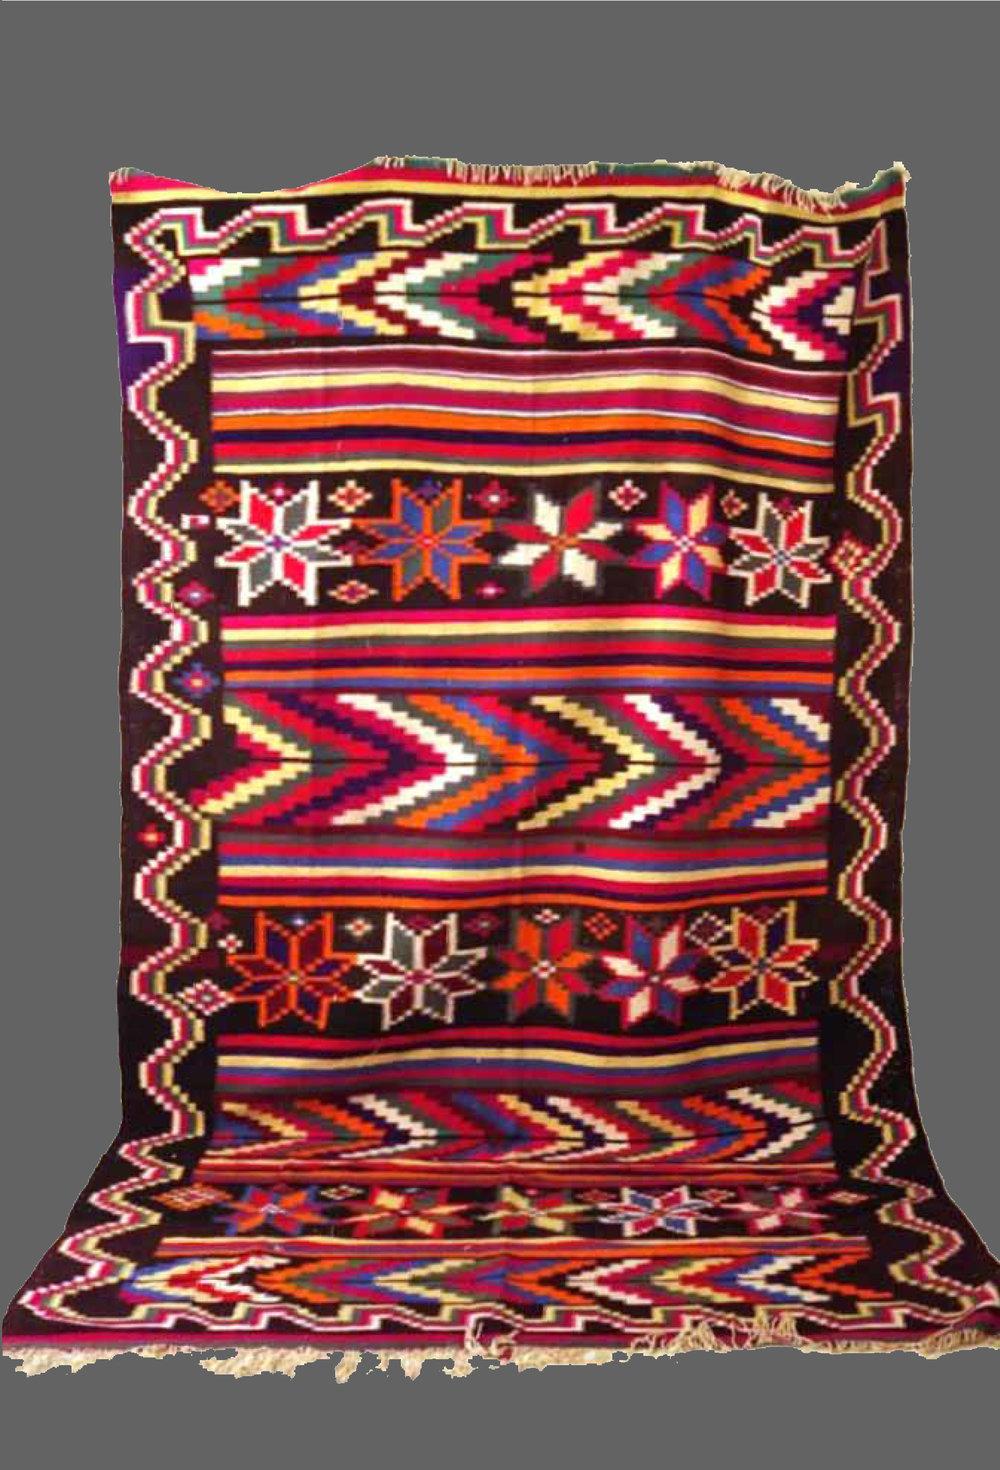 Ethnie : Gafsa  Origine : Tunisie  Année : 1980  Dimensions : 3,45 x 2,10  Technique : Tissage serré  Description : Kilim , riche en couleurs, variation de graphisme, fleurs et lignes  Référence : KG 002  Prix : 900€